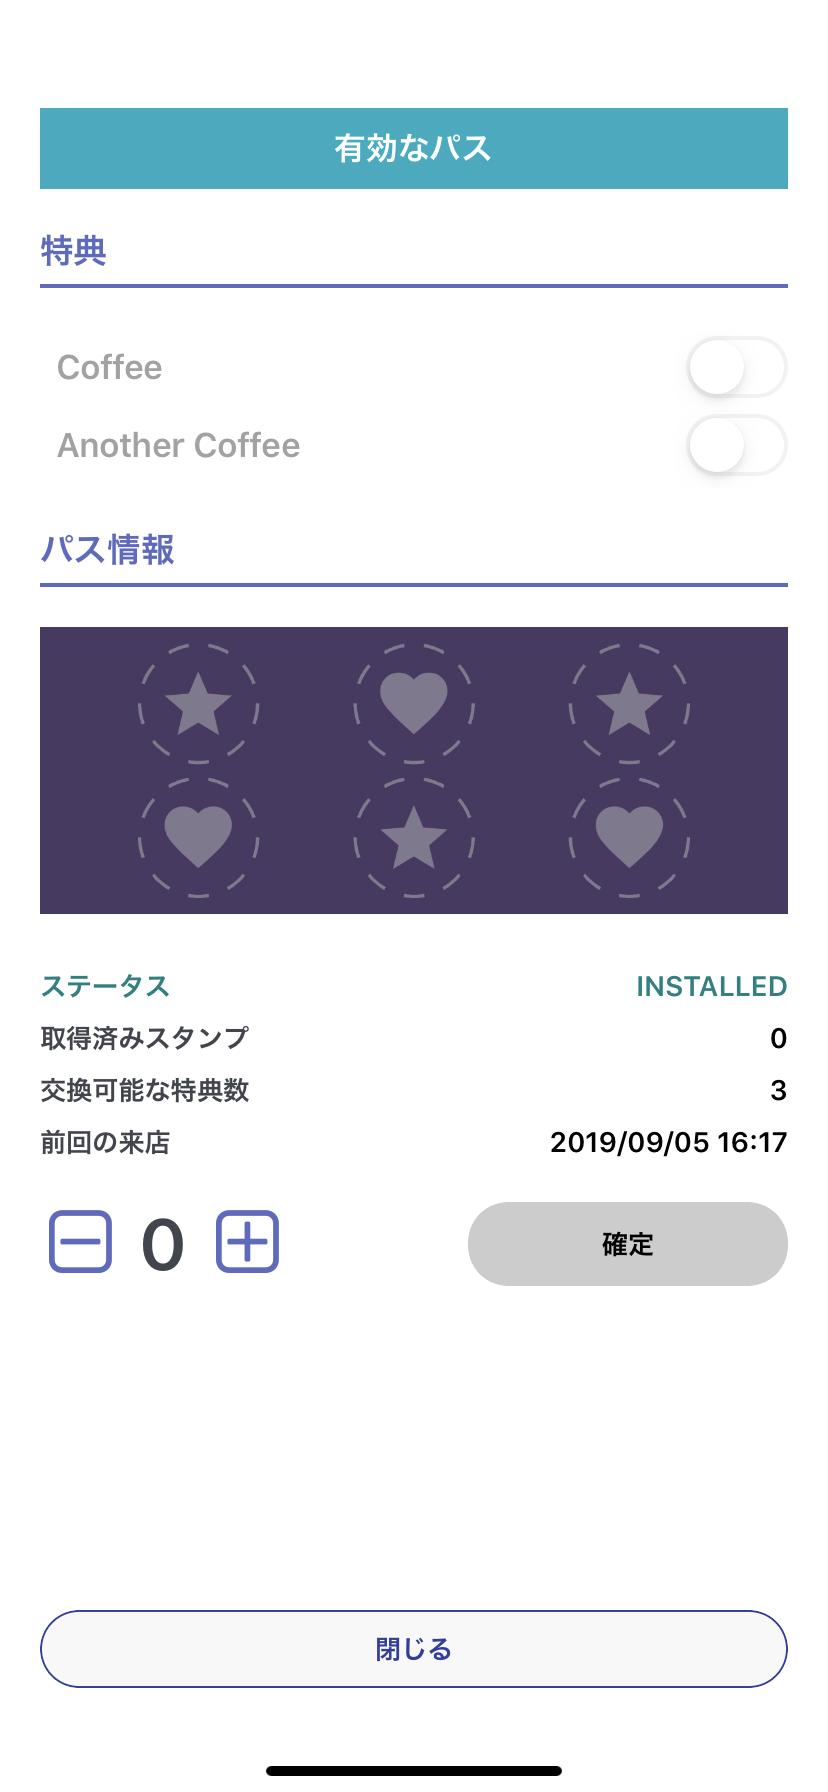 スマートフォンアプリ・ログイン画面